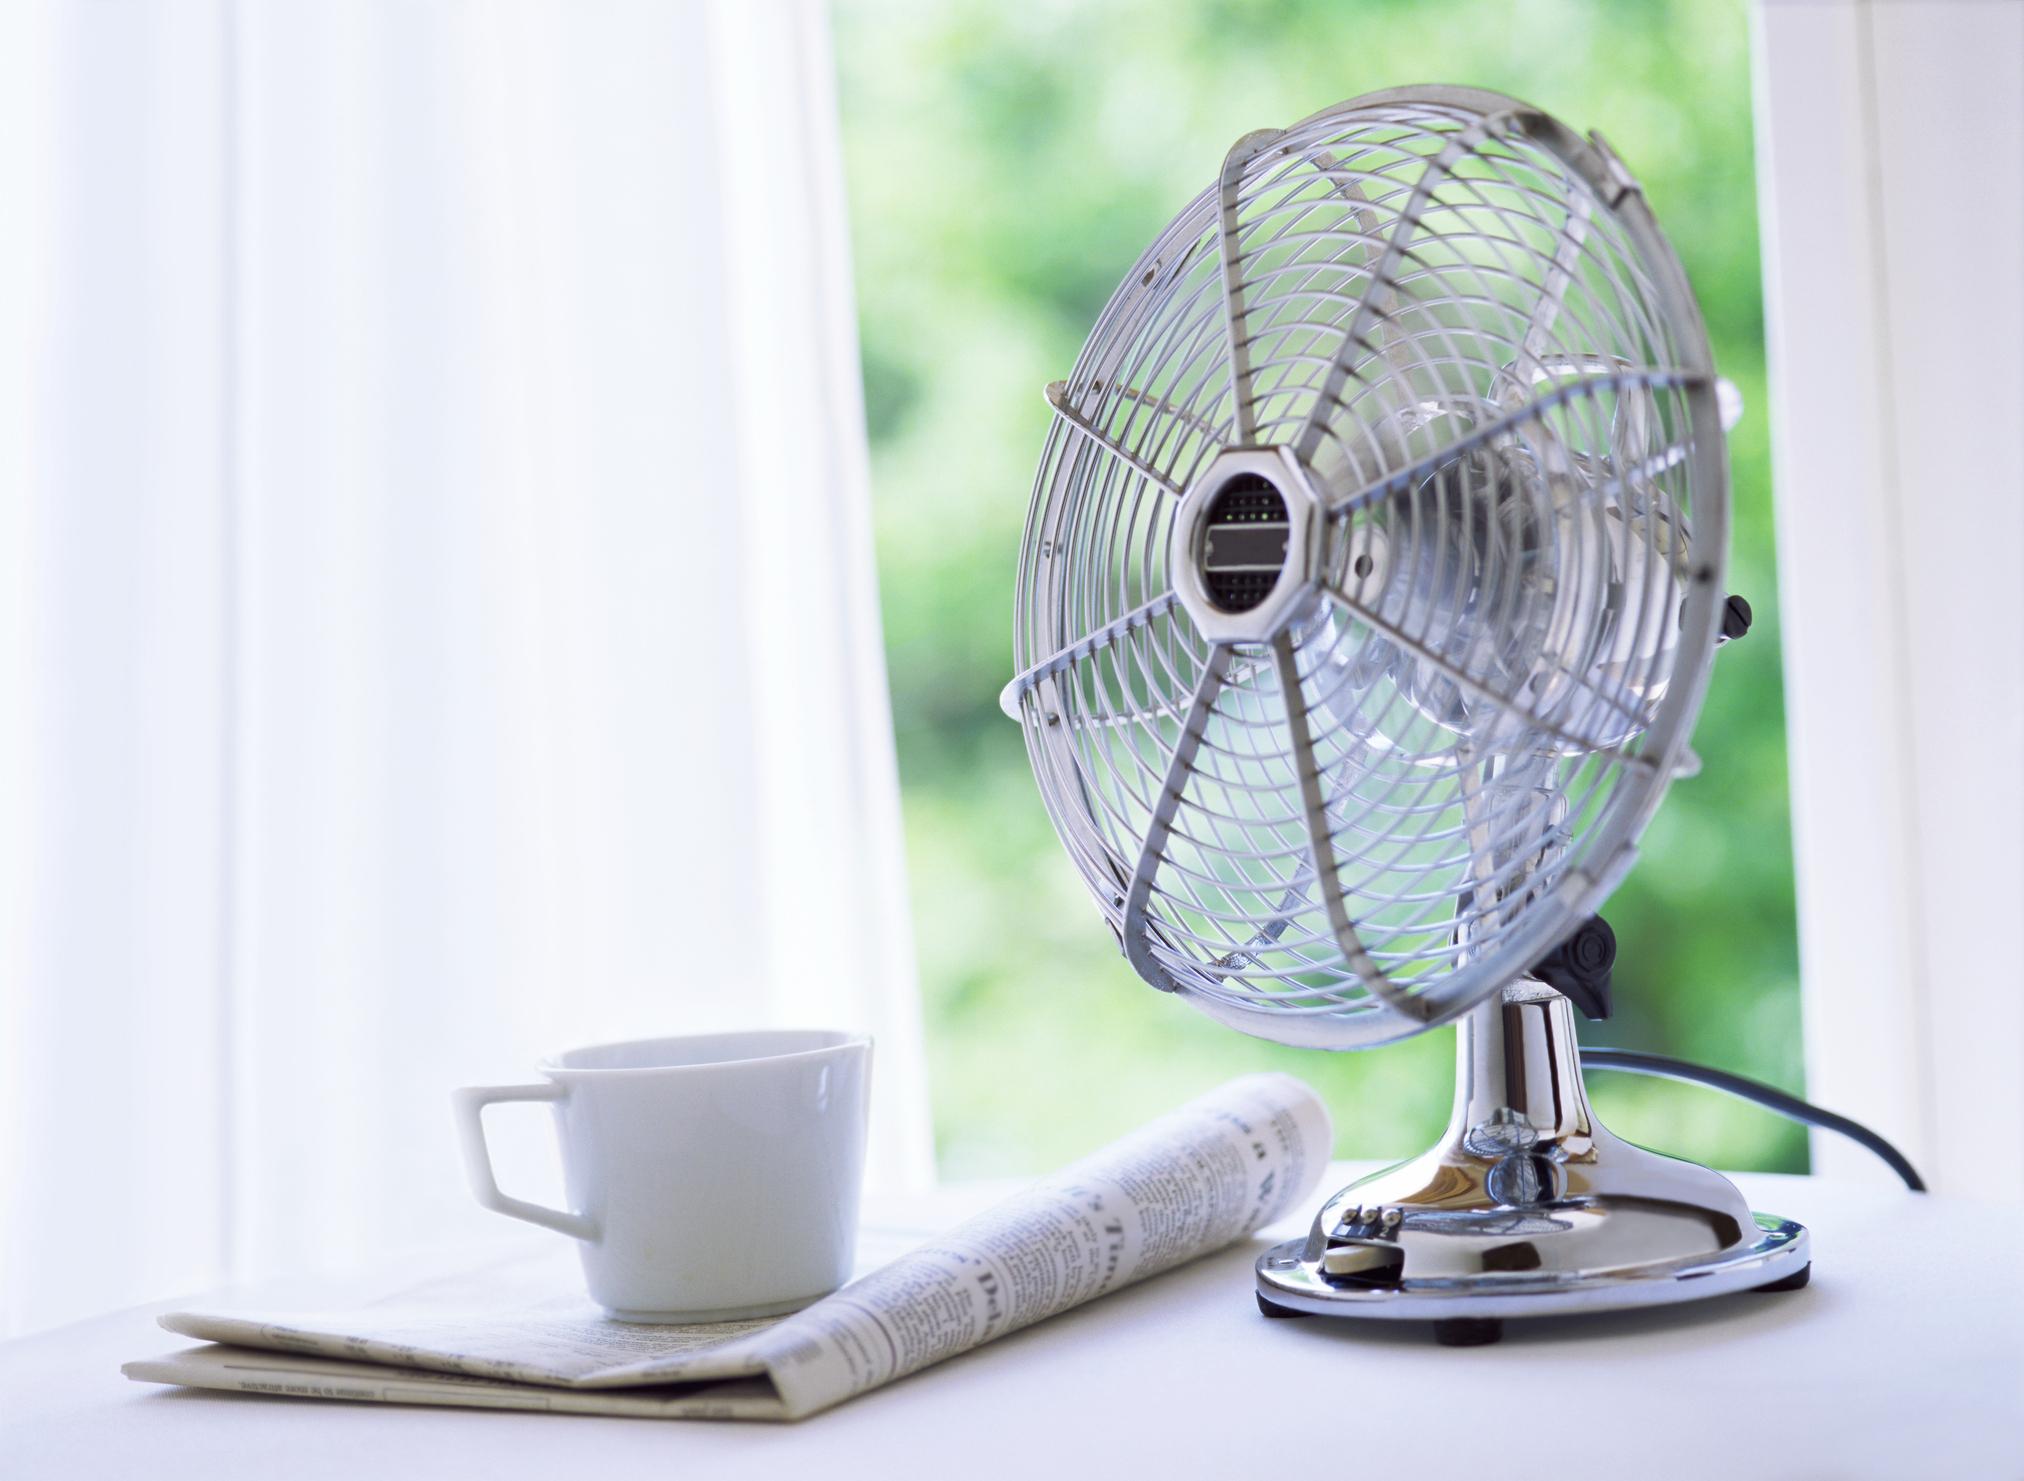 Comment garder votre maison fraîche en été - essayez un ventilateur.